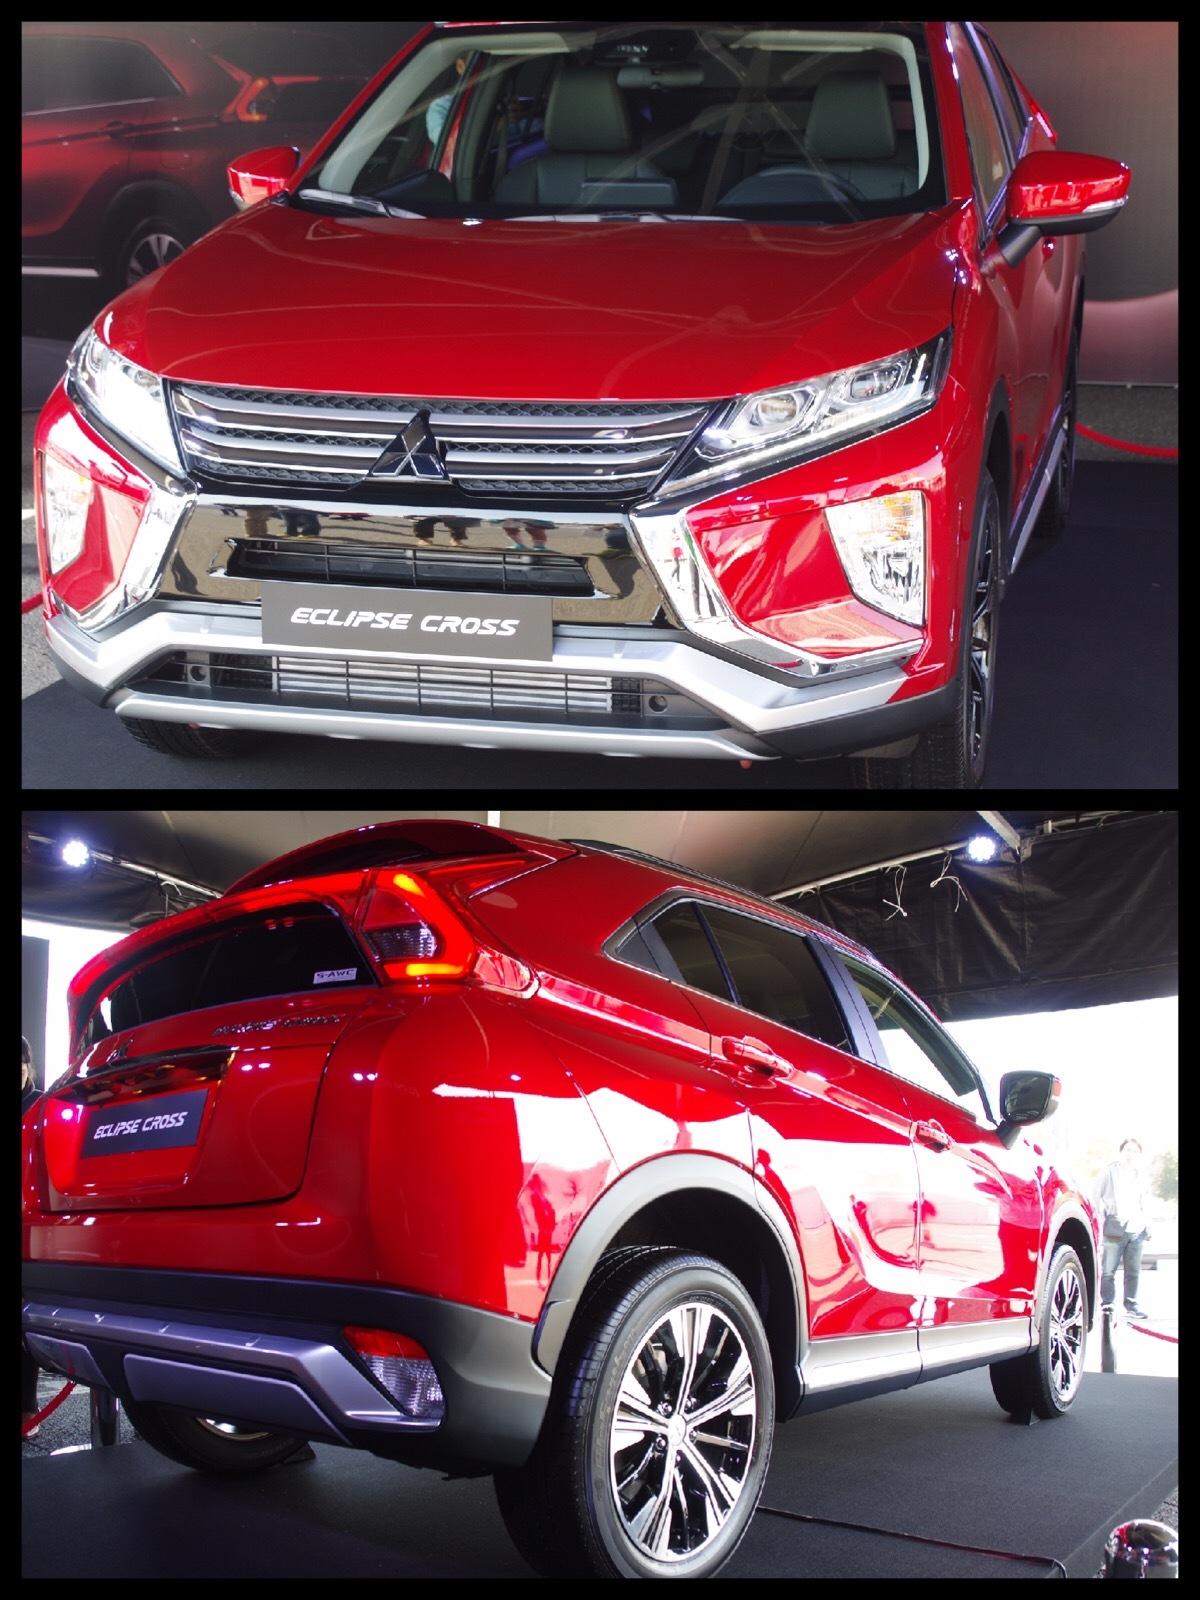 三菱 新SUV エクリプスクロス 実車 お台場 Mitsubishi Eclipse cross